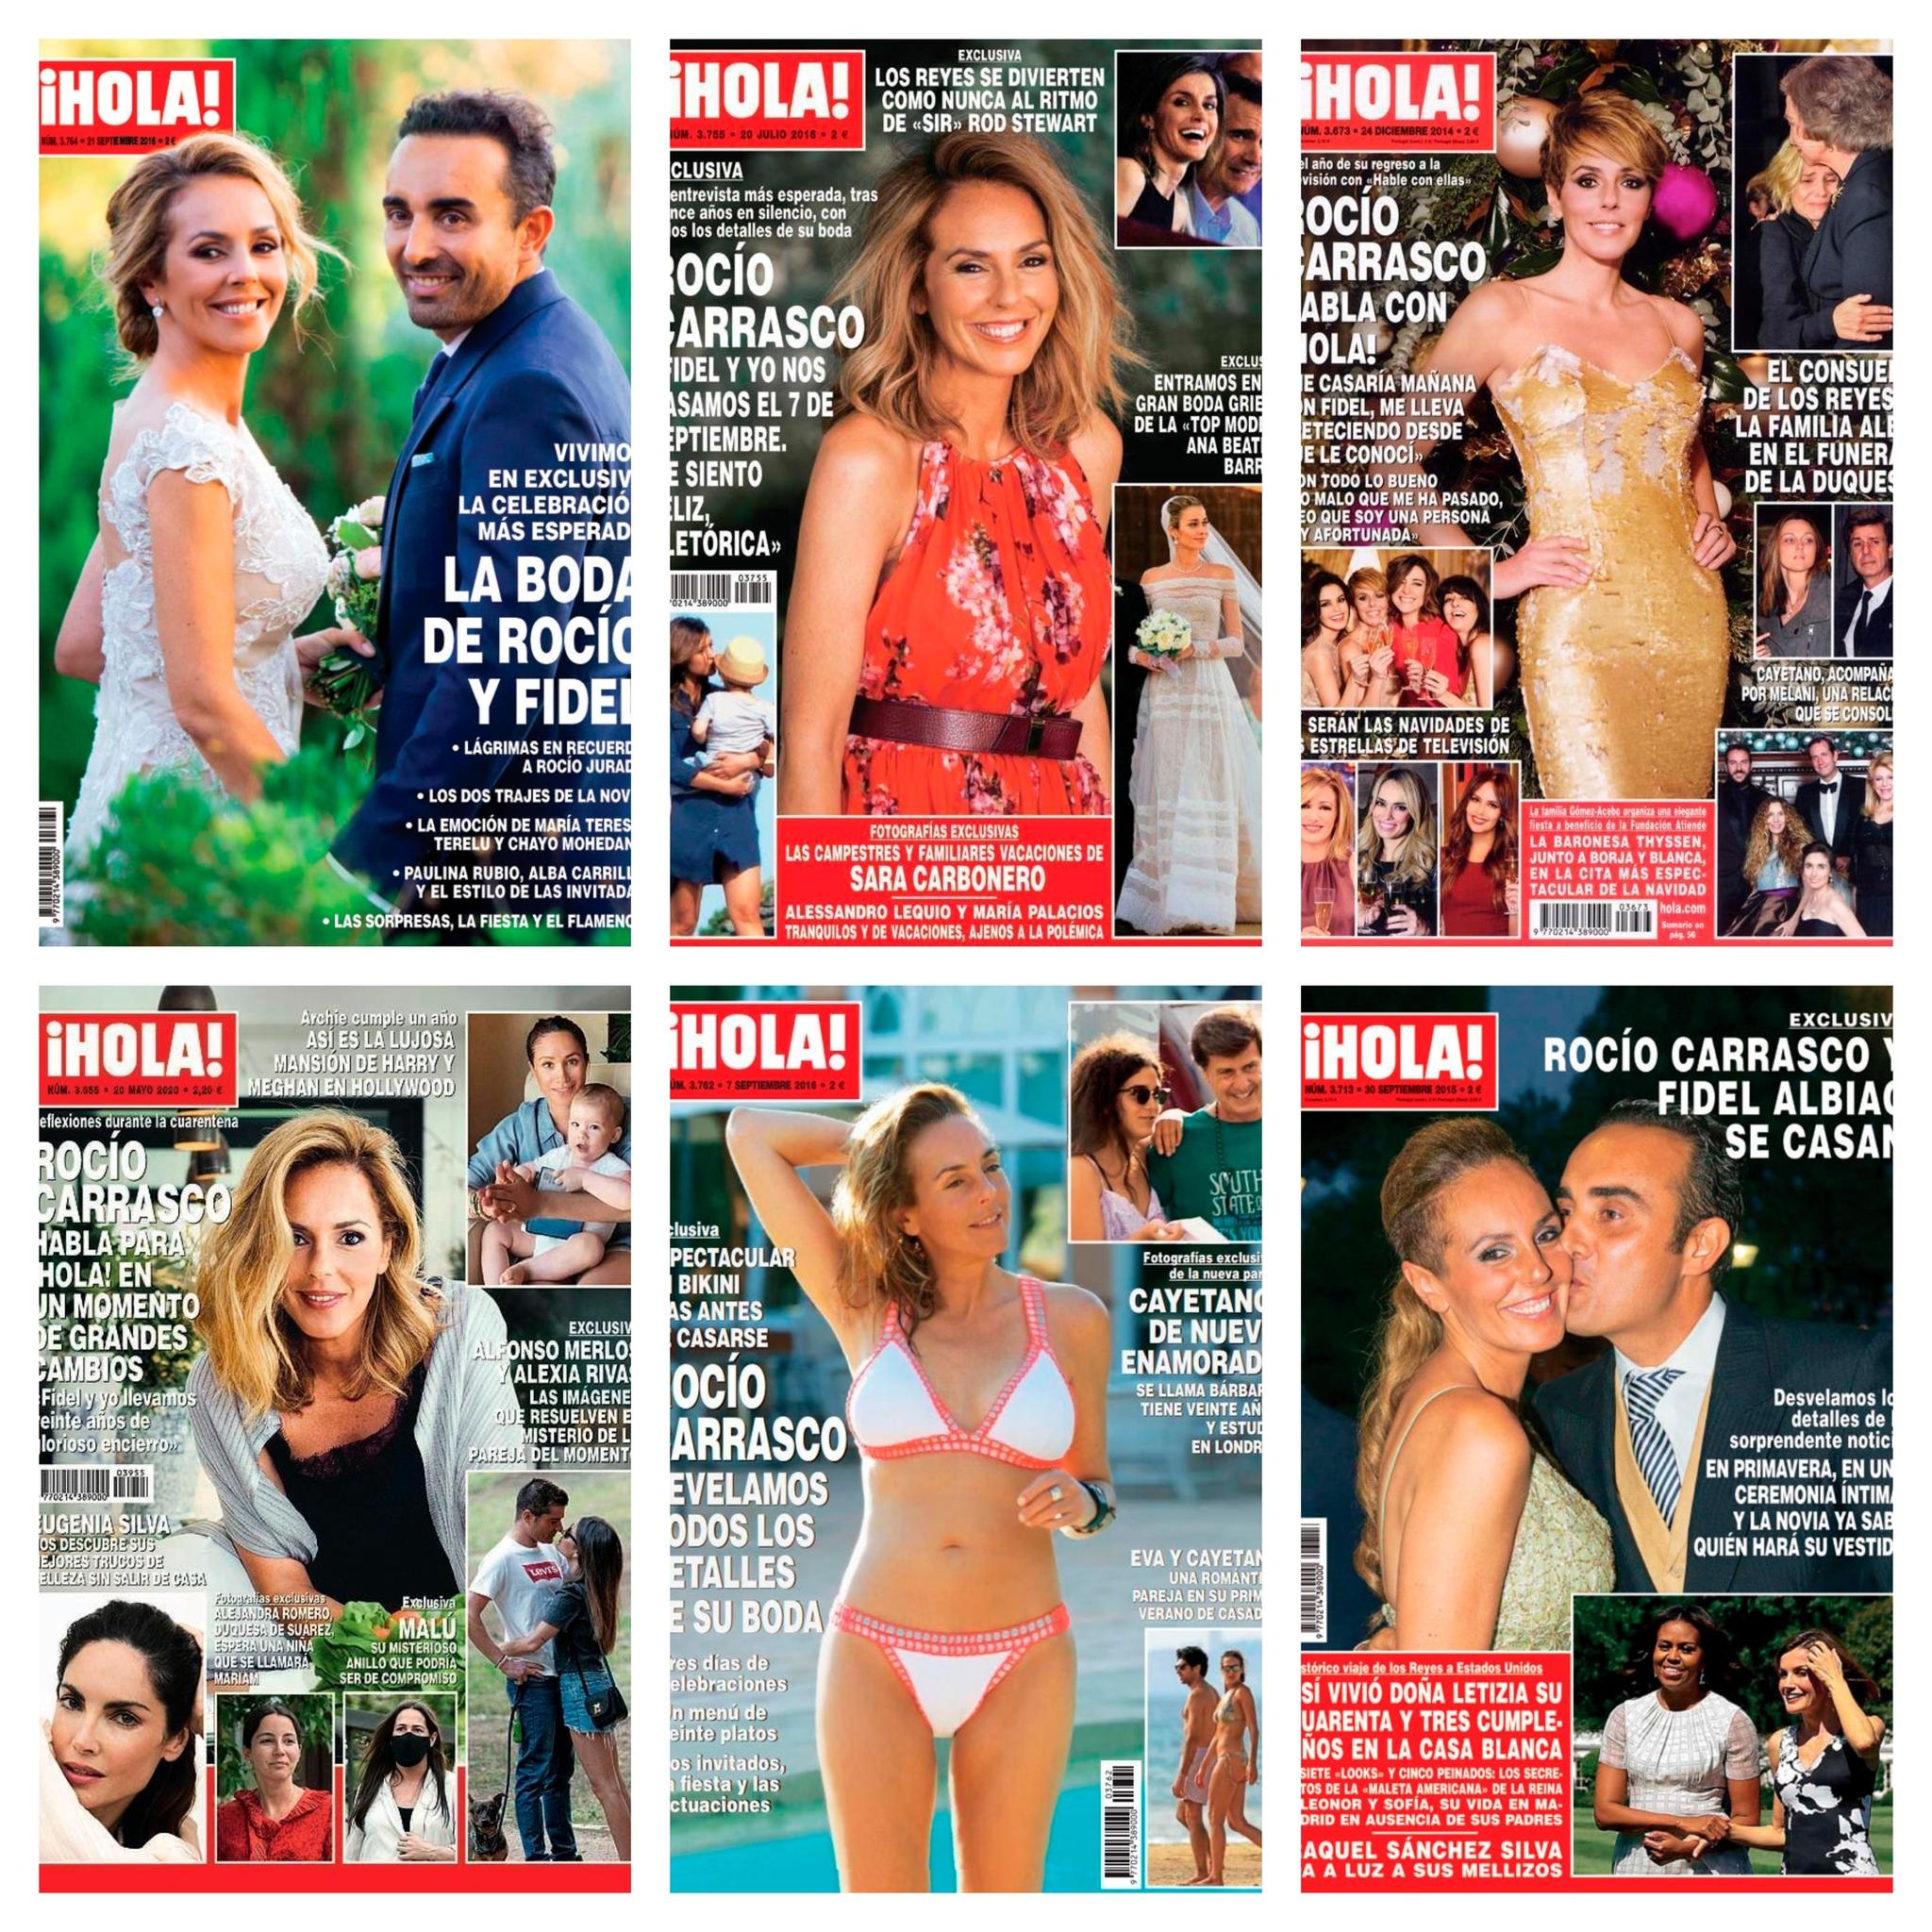 Portadas de la revista '¡Hola!', con las exclusivas de Rocío Carrasco.